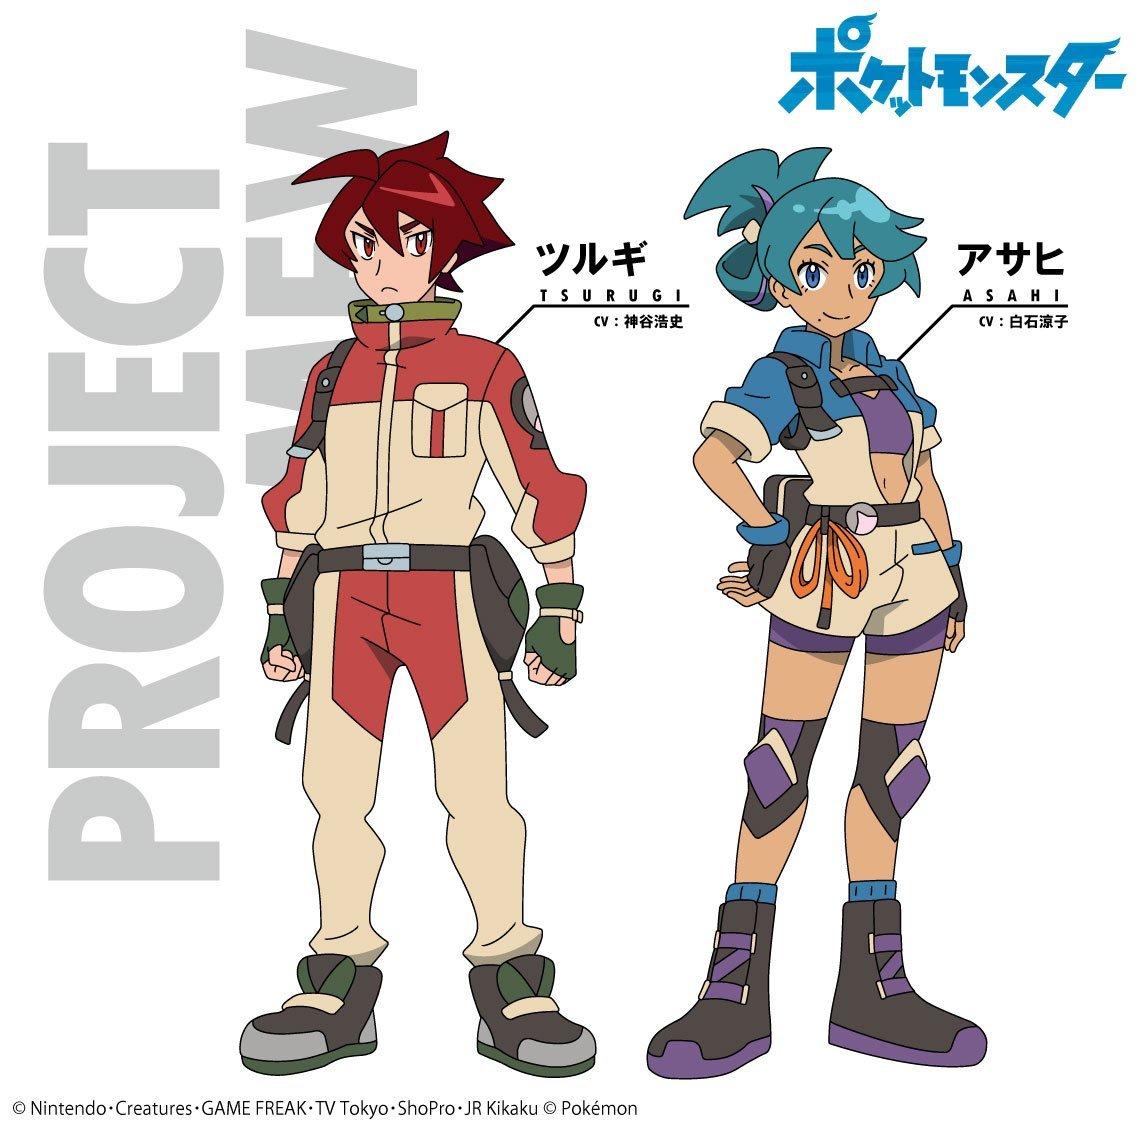 Project Mew Viajes Pokémon